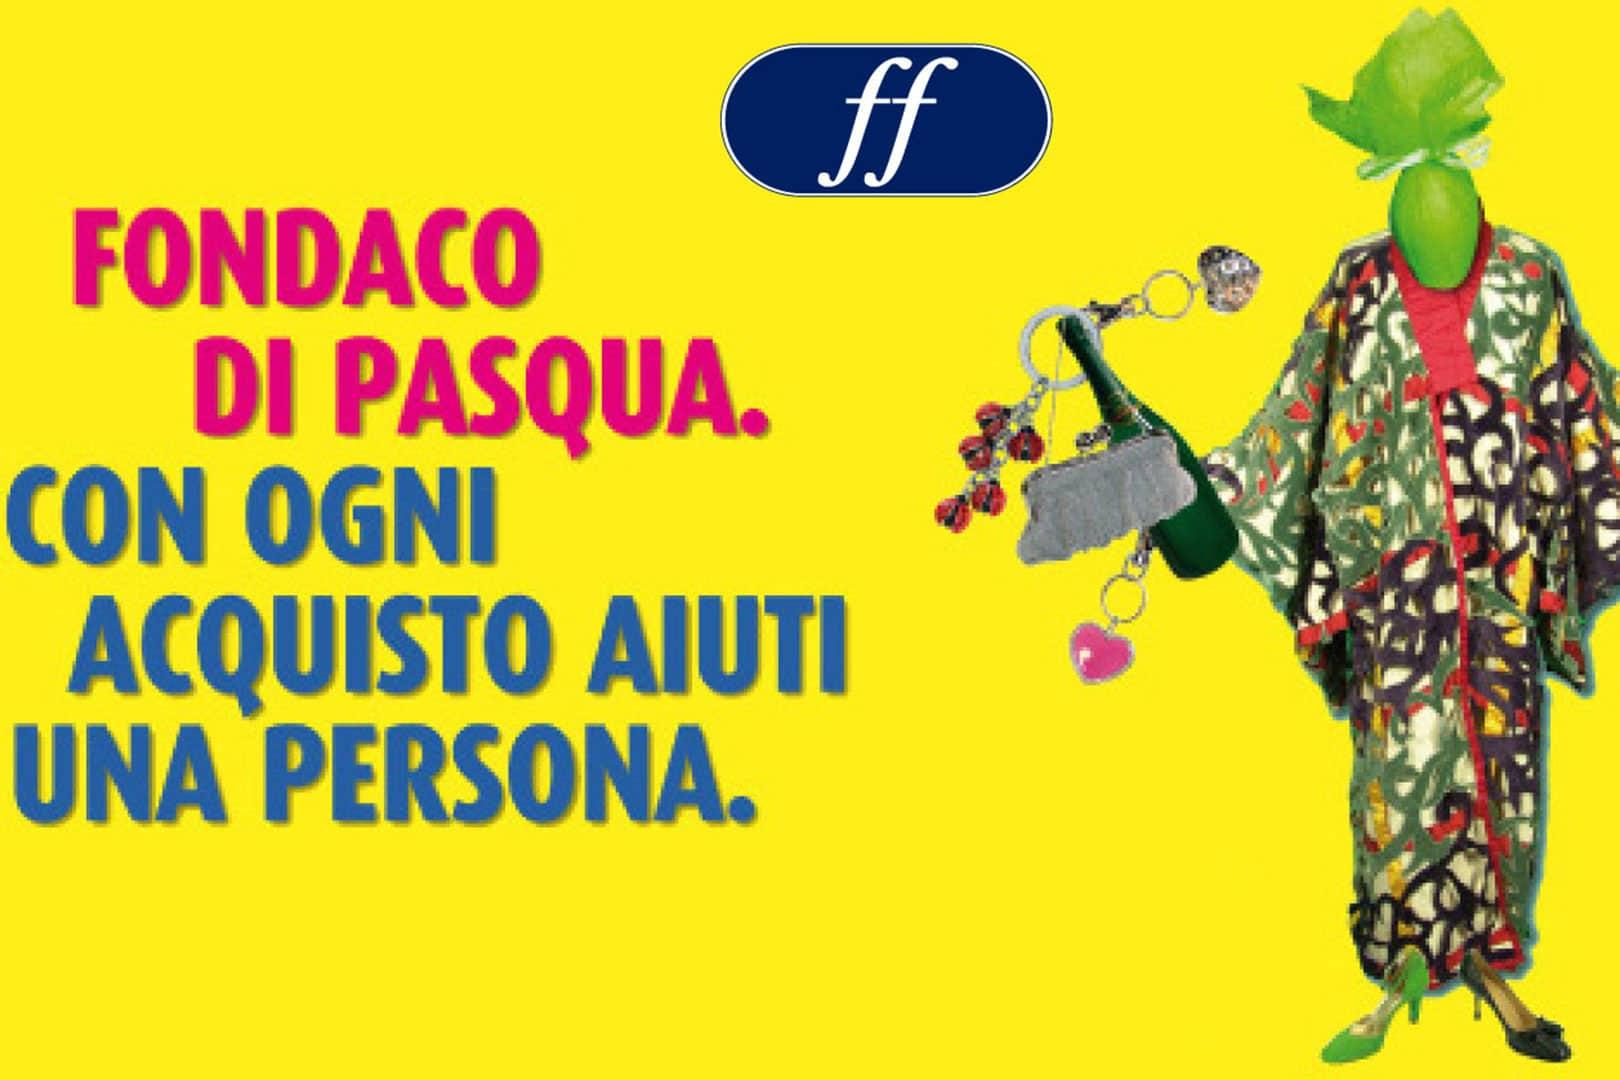 Fondaco Milano